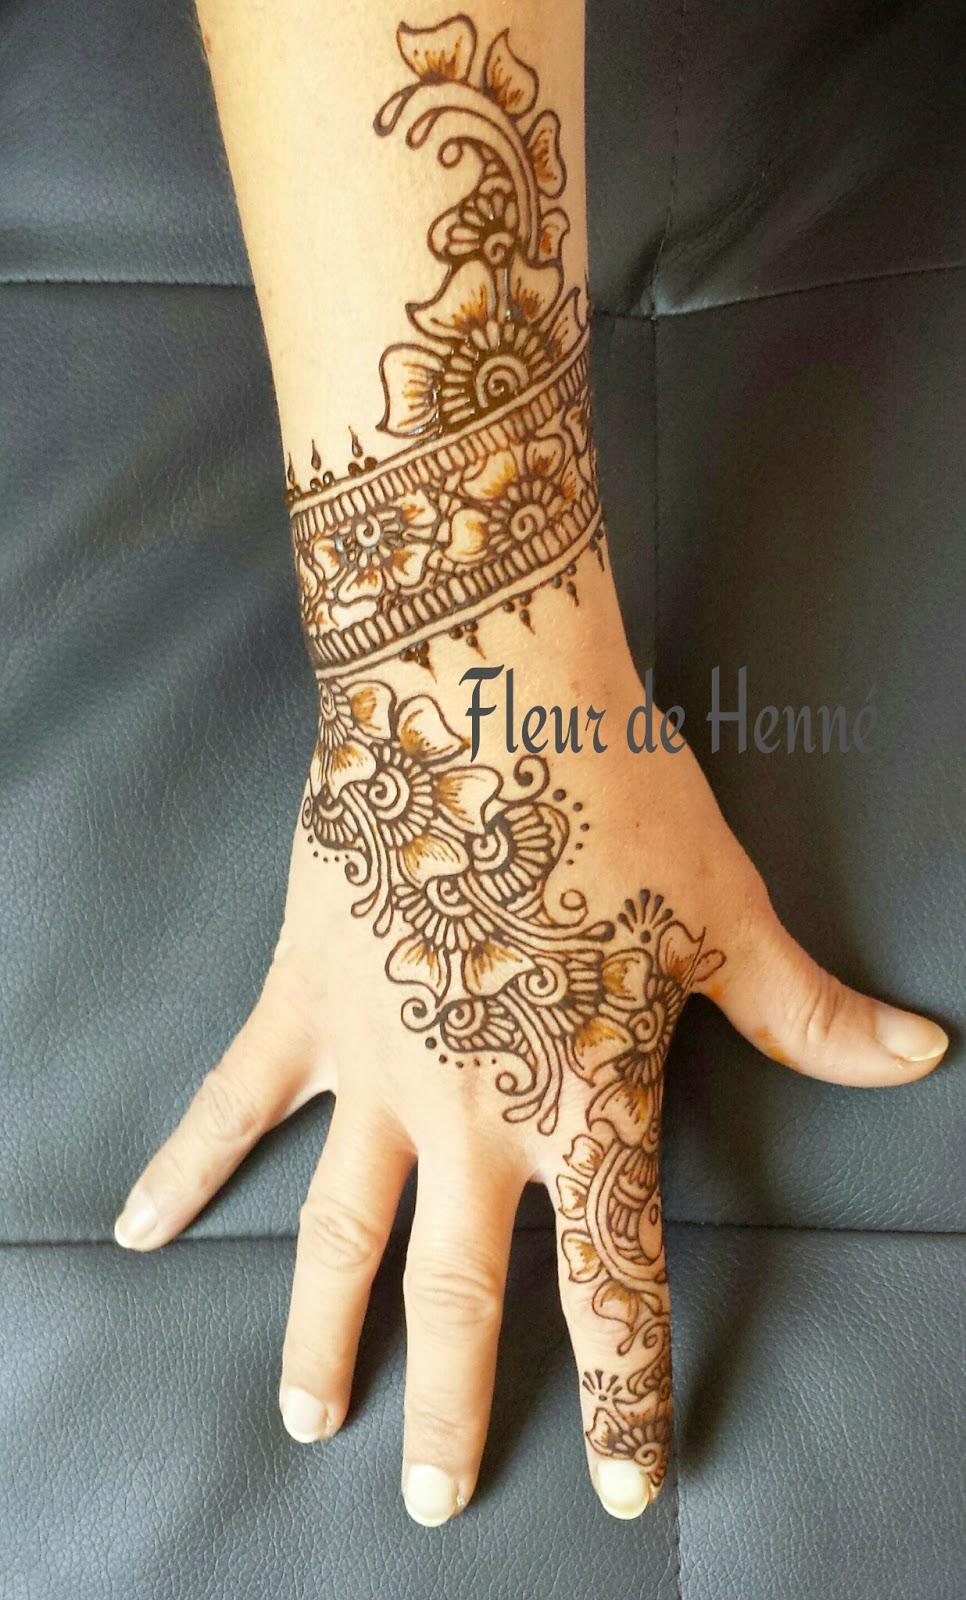 tatouage art deco finest artudeco tintin with tatouage. Black Bedroom Furniture Sets. Home Design Ideas